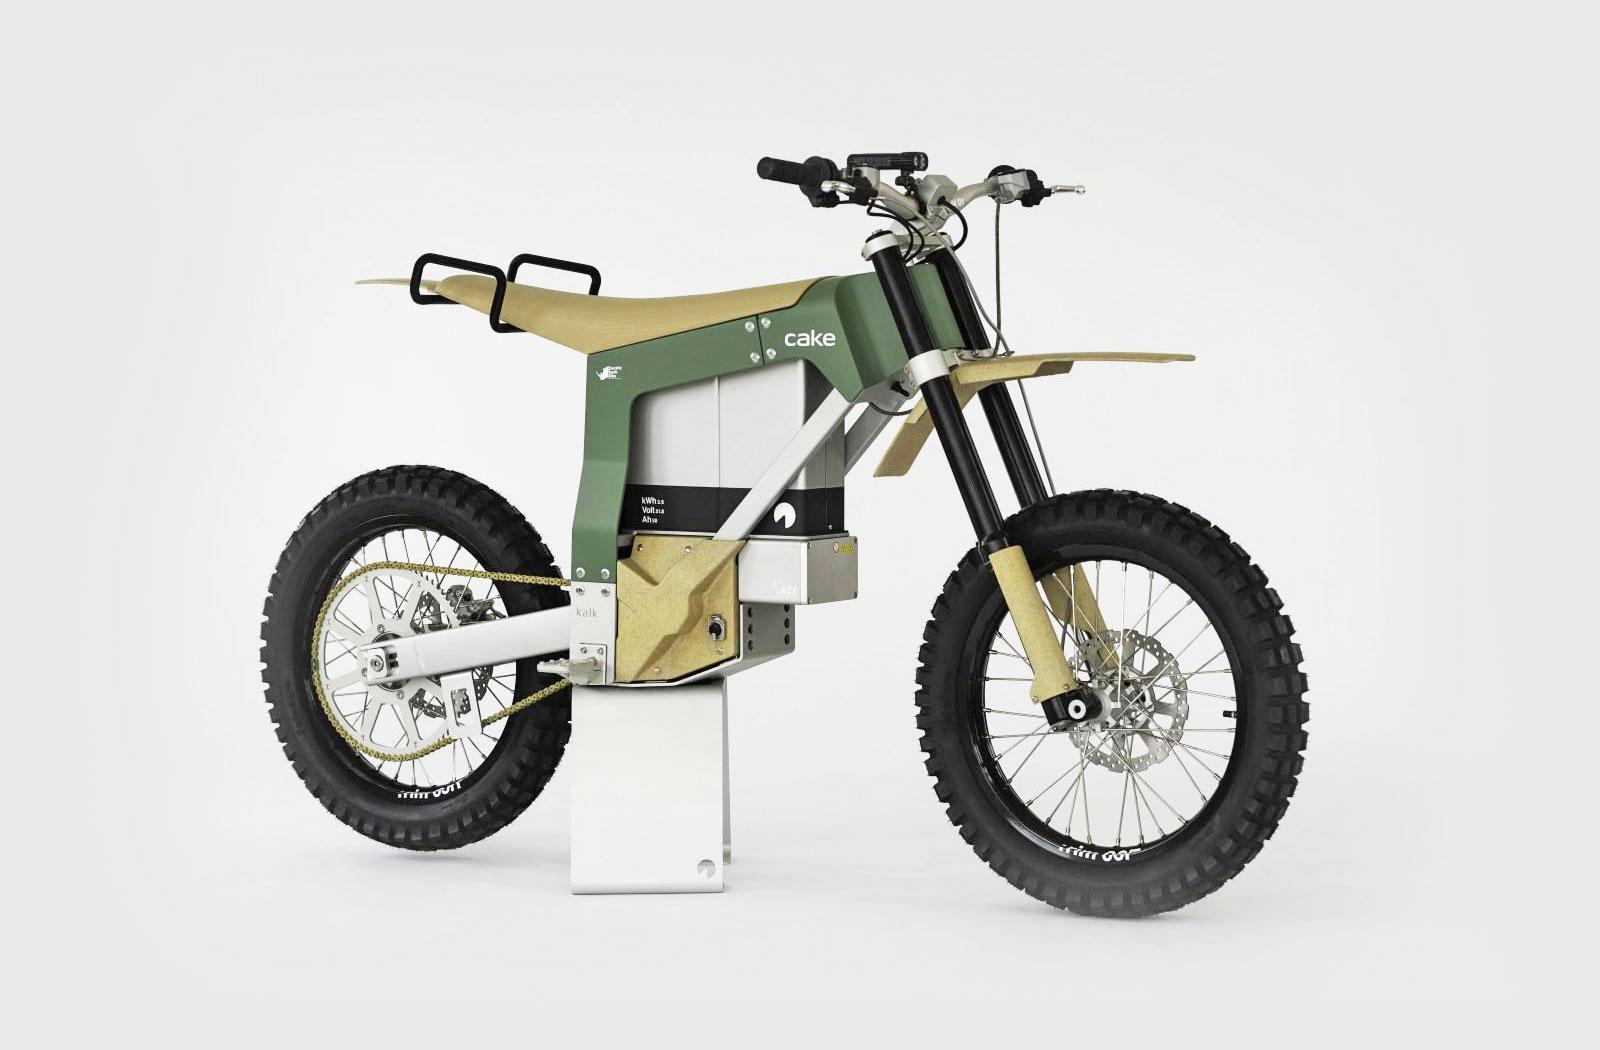 Cake Kalk AP anti-poaching electric motorcycle